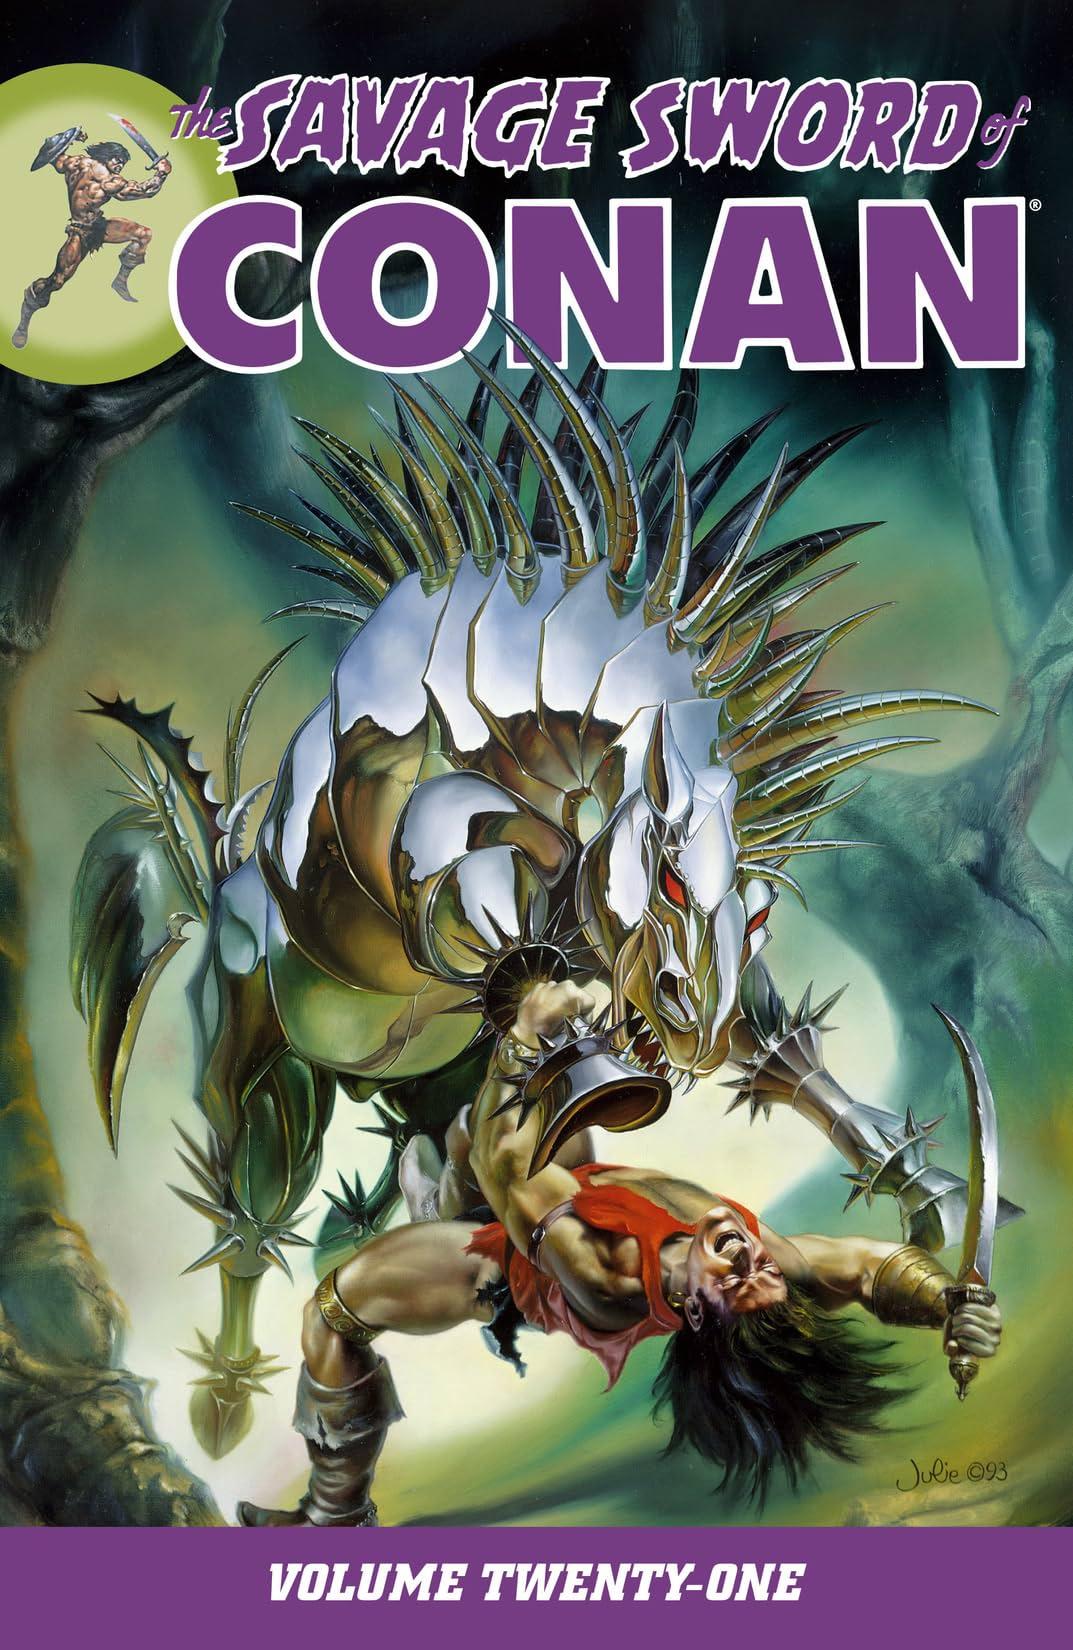 The Savage Sword of Conan Vol. 21